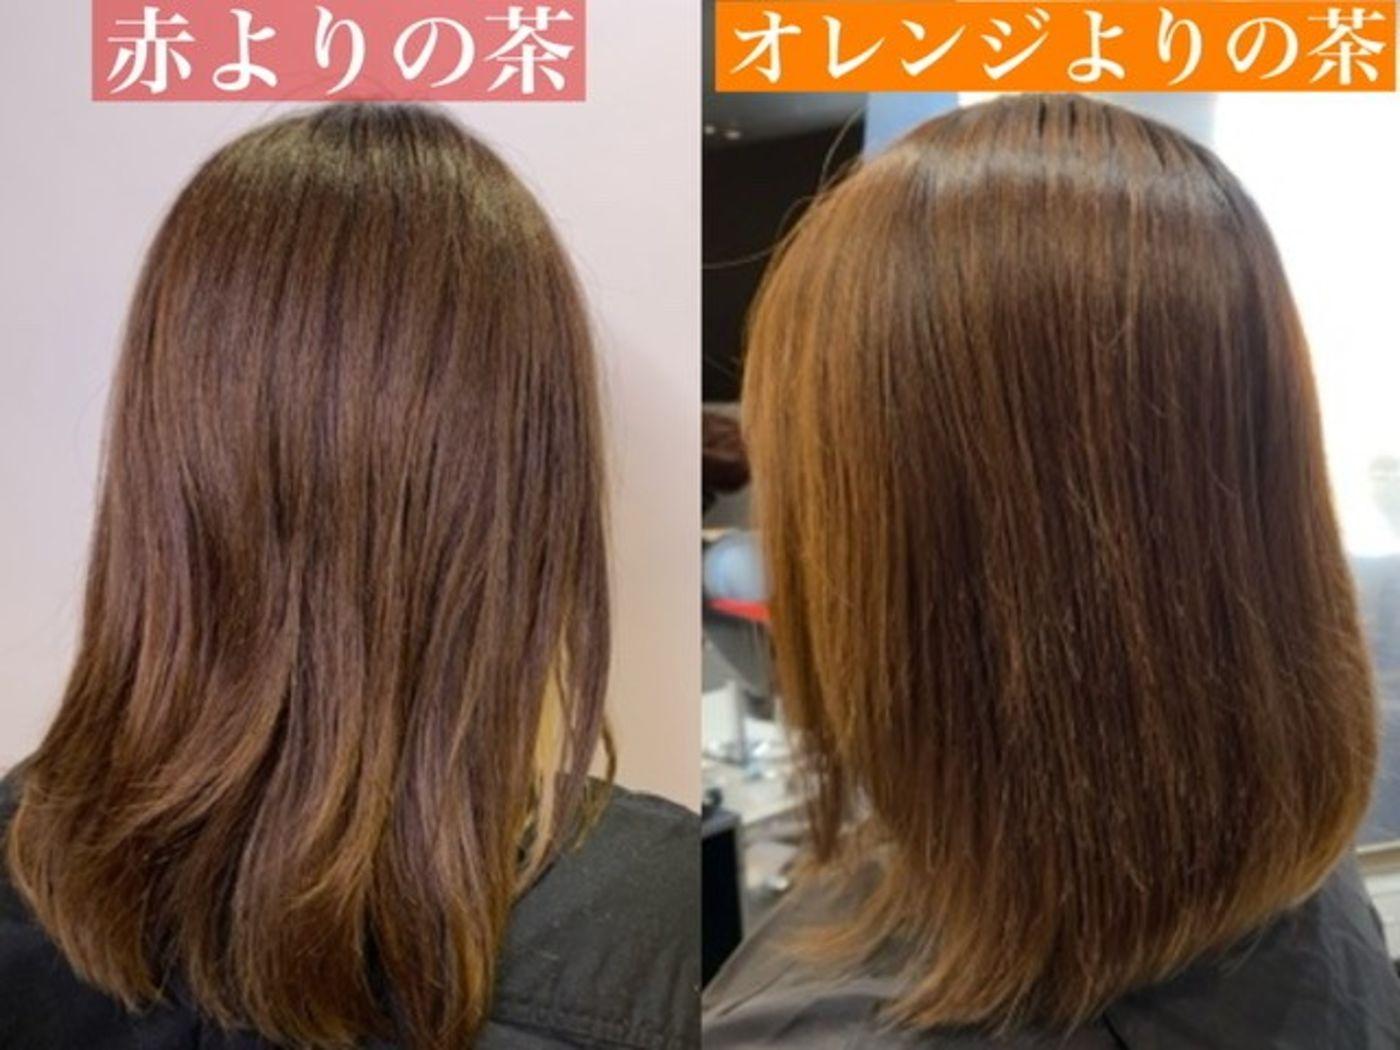 日本人『こんなお悩みの方』染めても赤やオレンジっぽさが出る